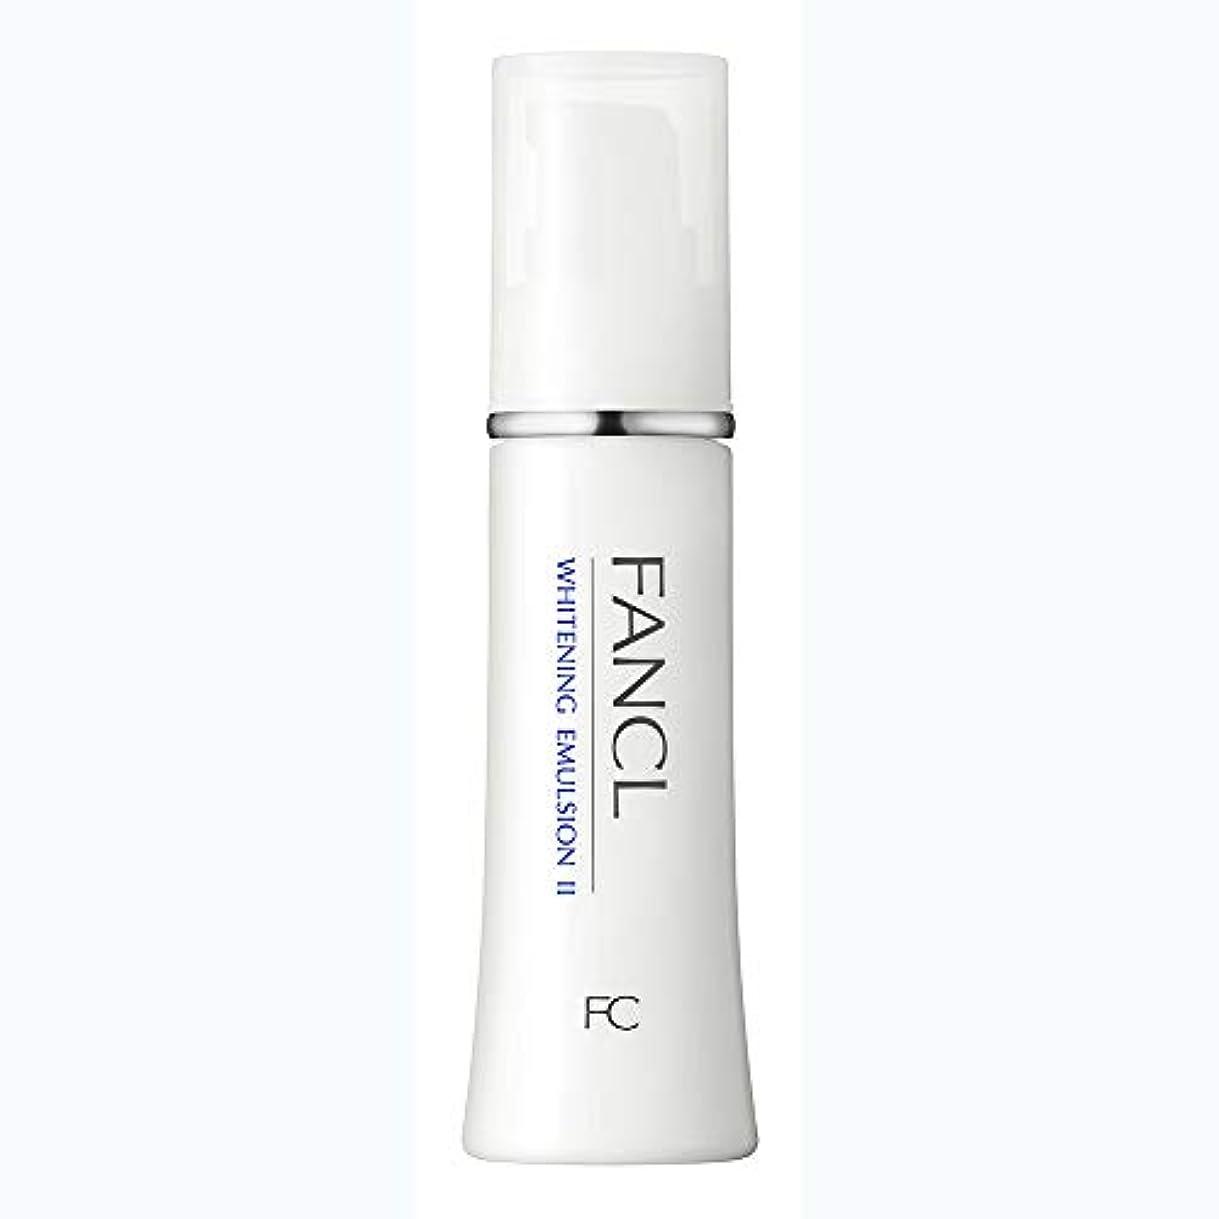 排除オープナースポークスマンファンケル(FANCL) 新 ホワイトニング 乳液 II しっとり 1本 30mL<医薬部外品>